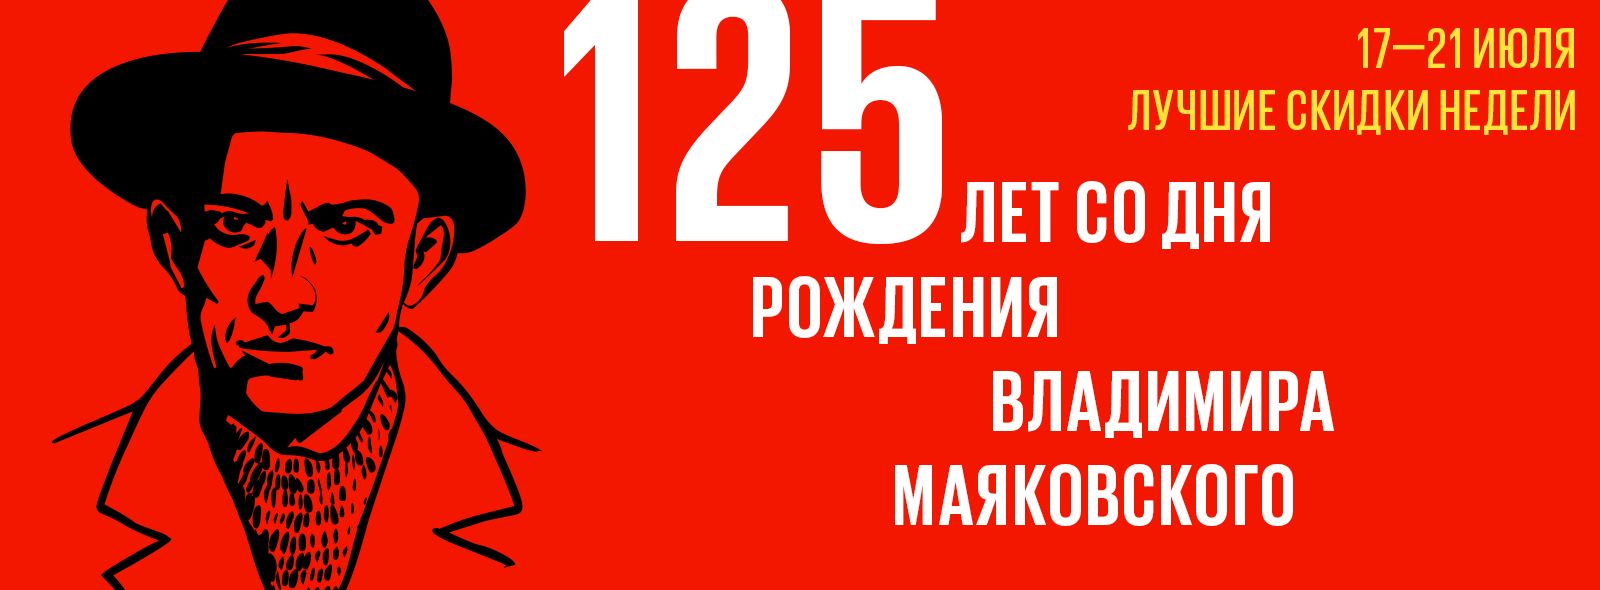 Литературные даты. Маяковскому — 125!